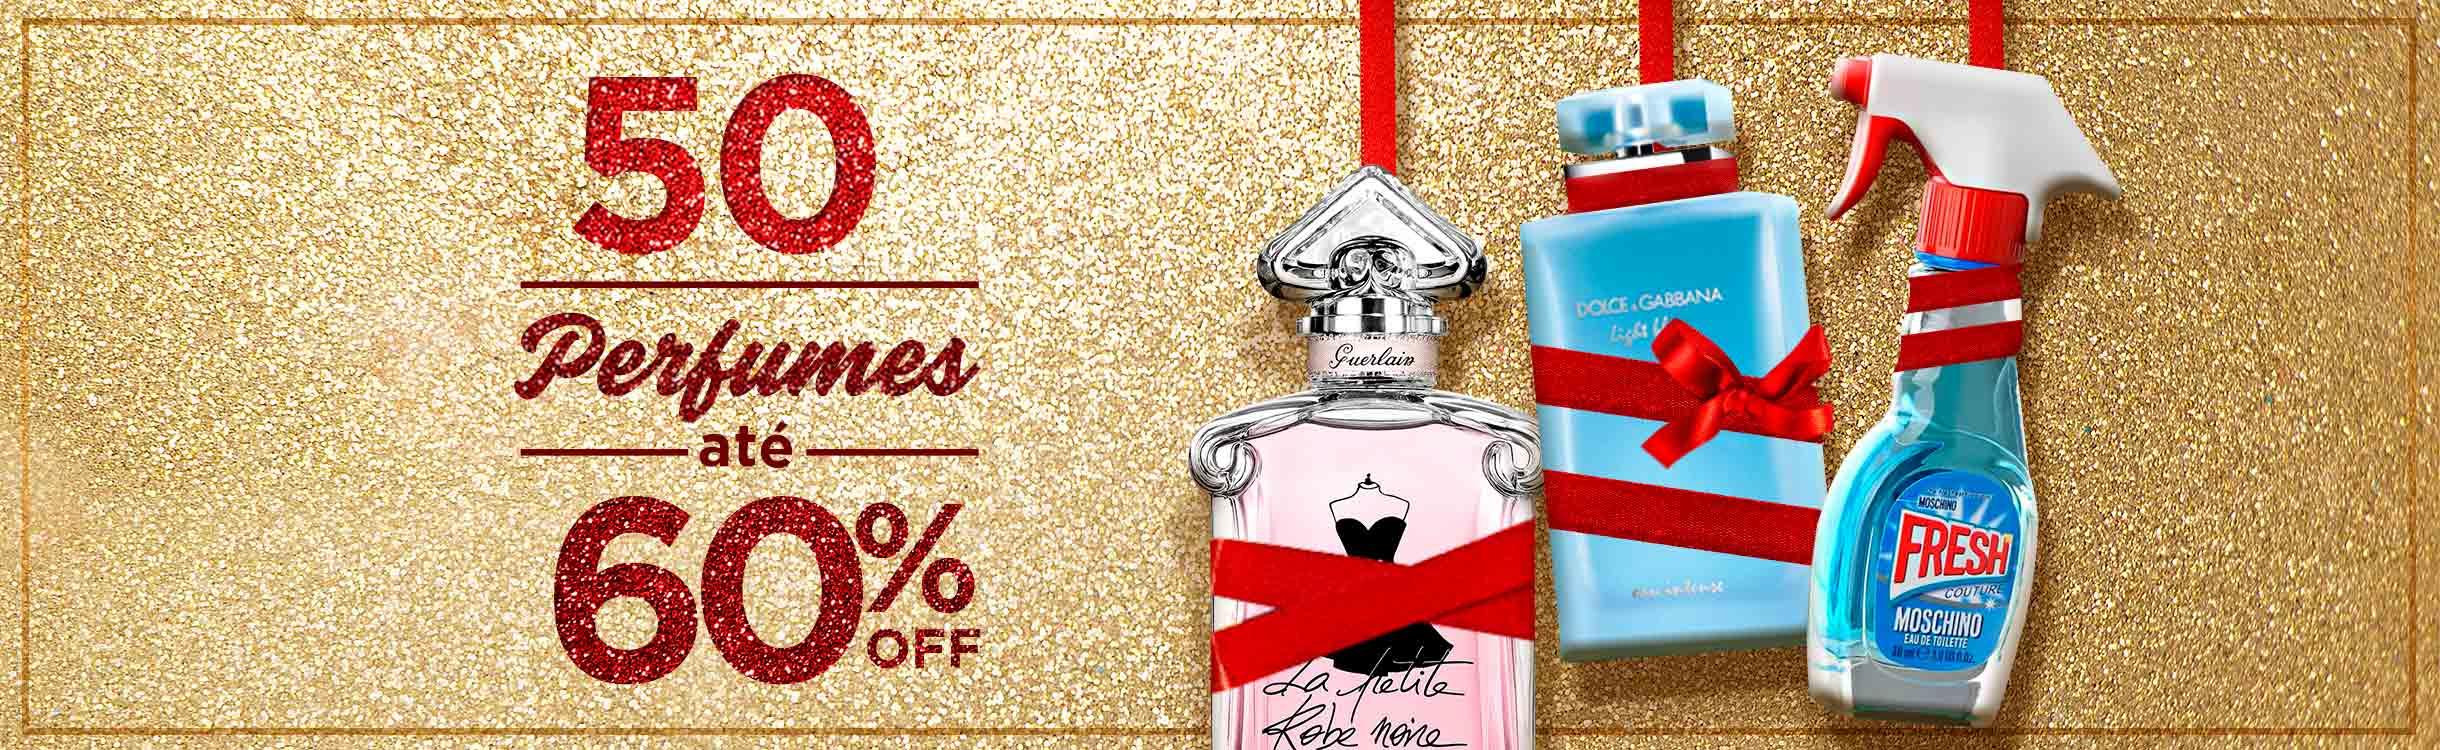 Perfumes até 60%off